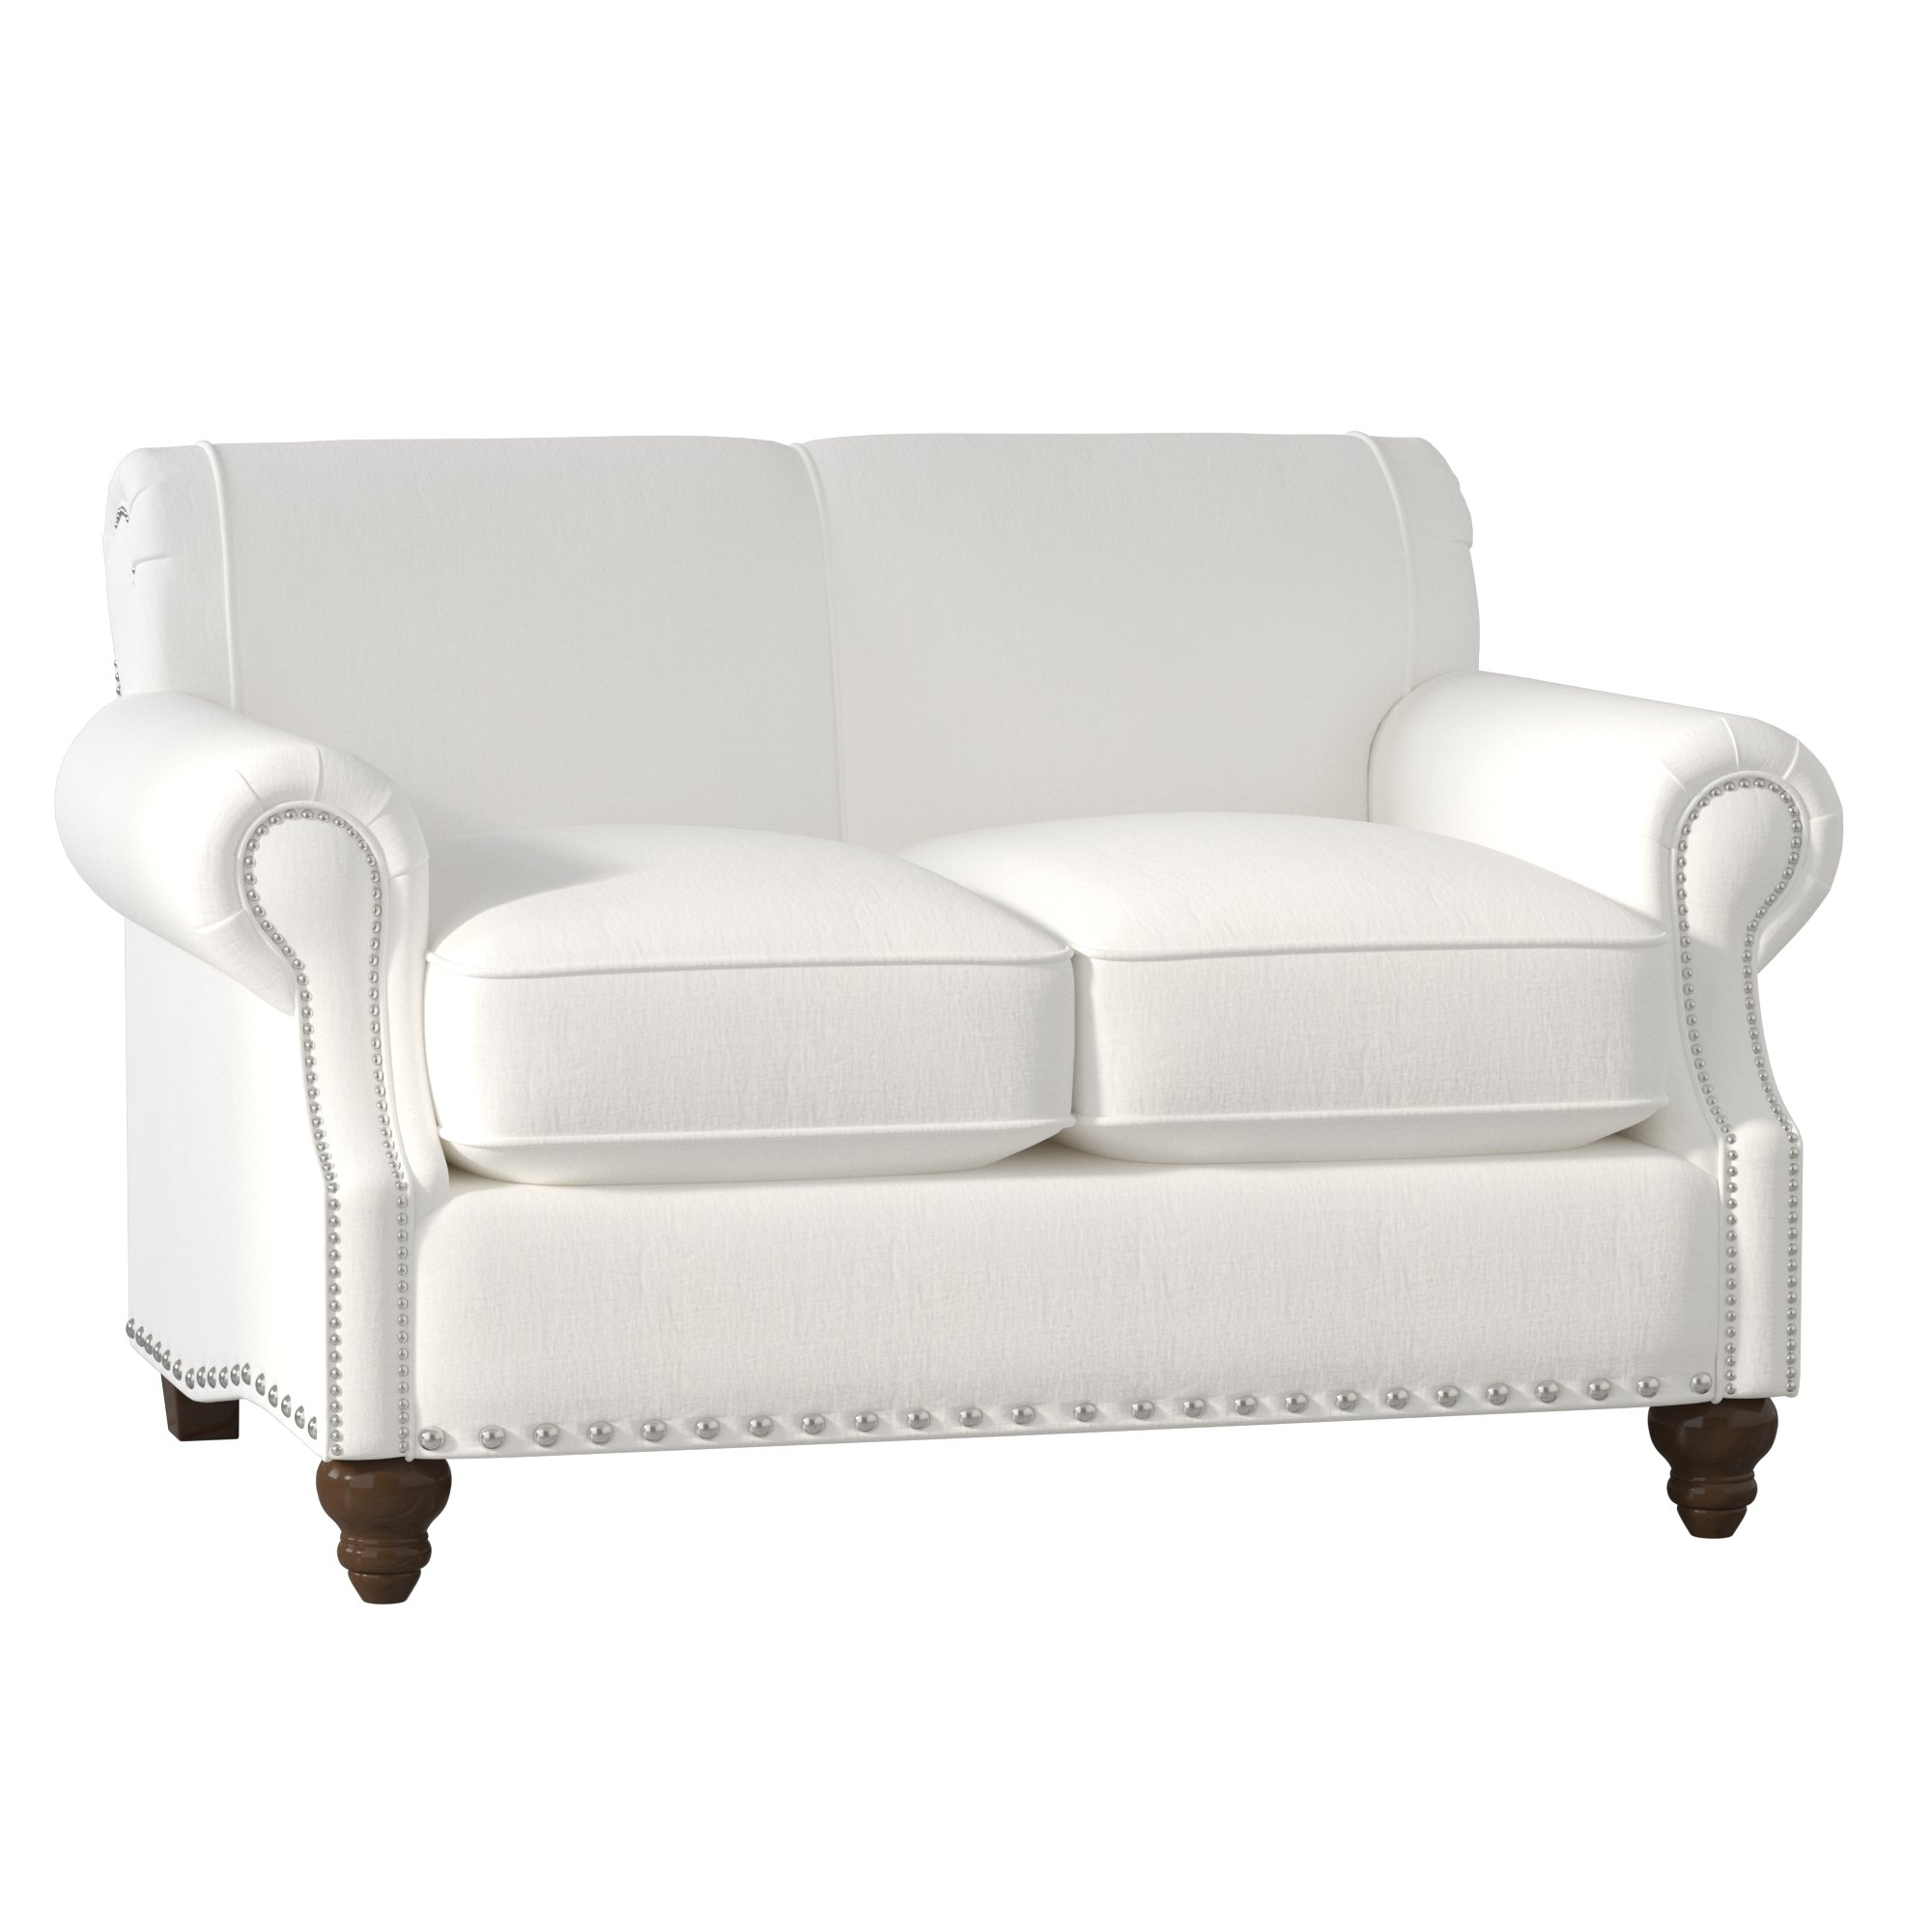 Birch Lane™ Heritage Landry Loveseat & Reviews | Birch Lane In Landry Sofa Chairs (Image 9 of 25)